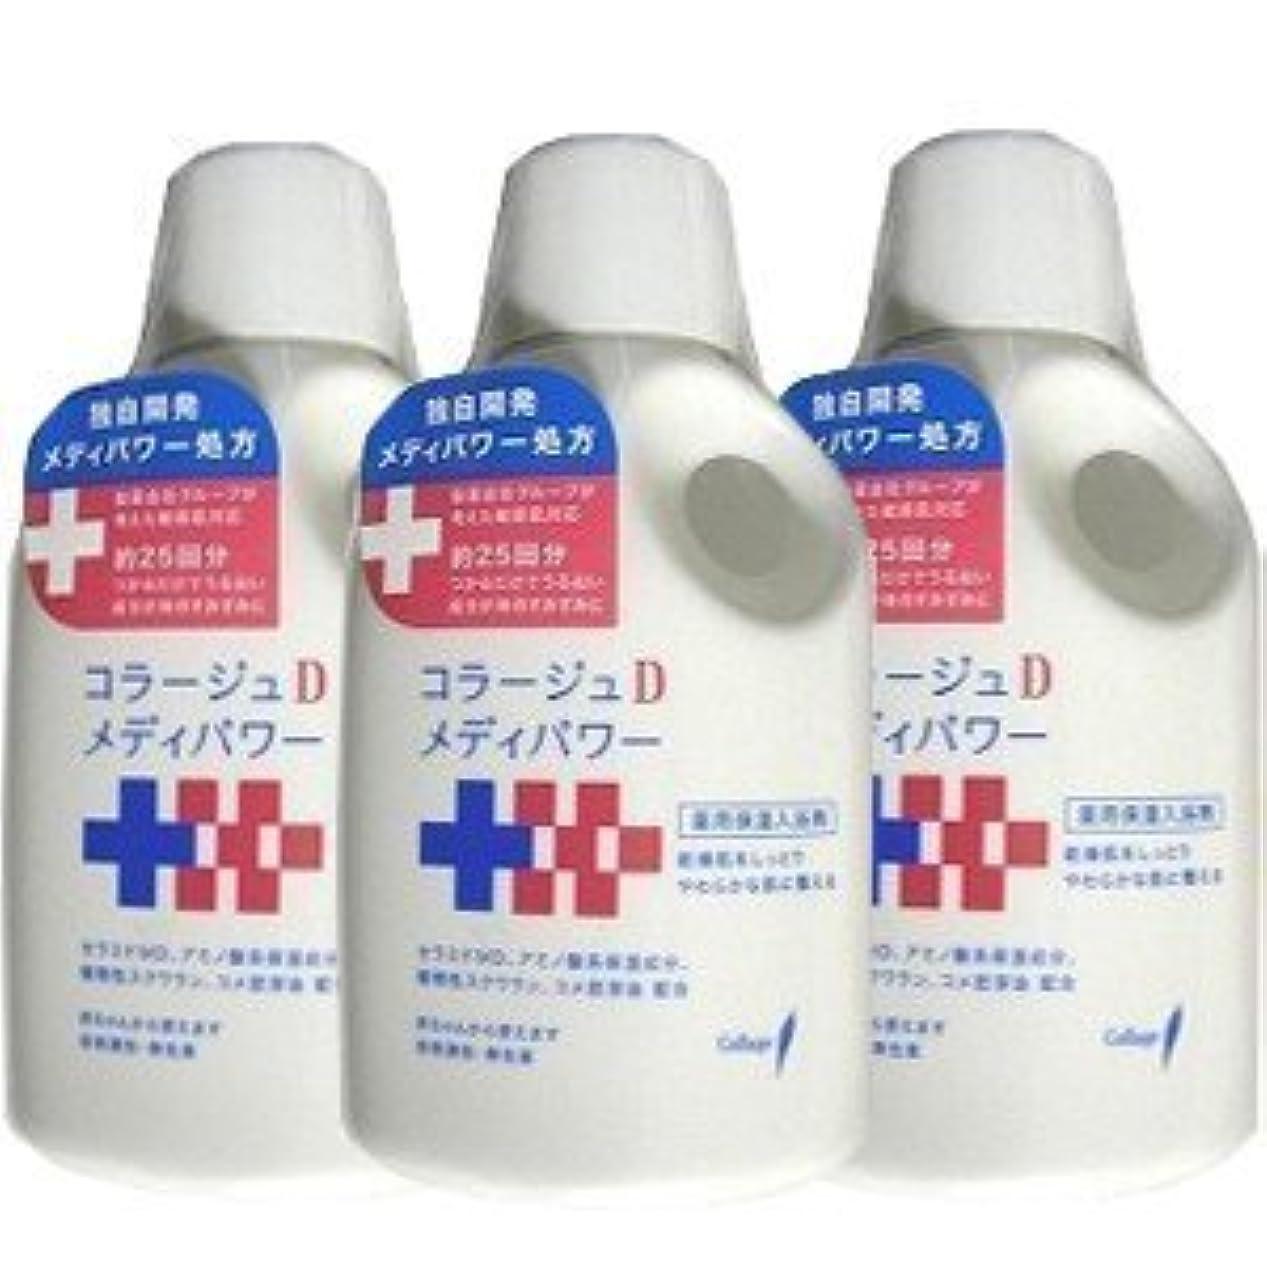 ソフィー文化証明【3本】コラージュD メディパワー保湿入浴剤 500mlx3本